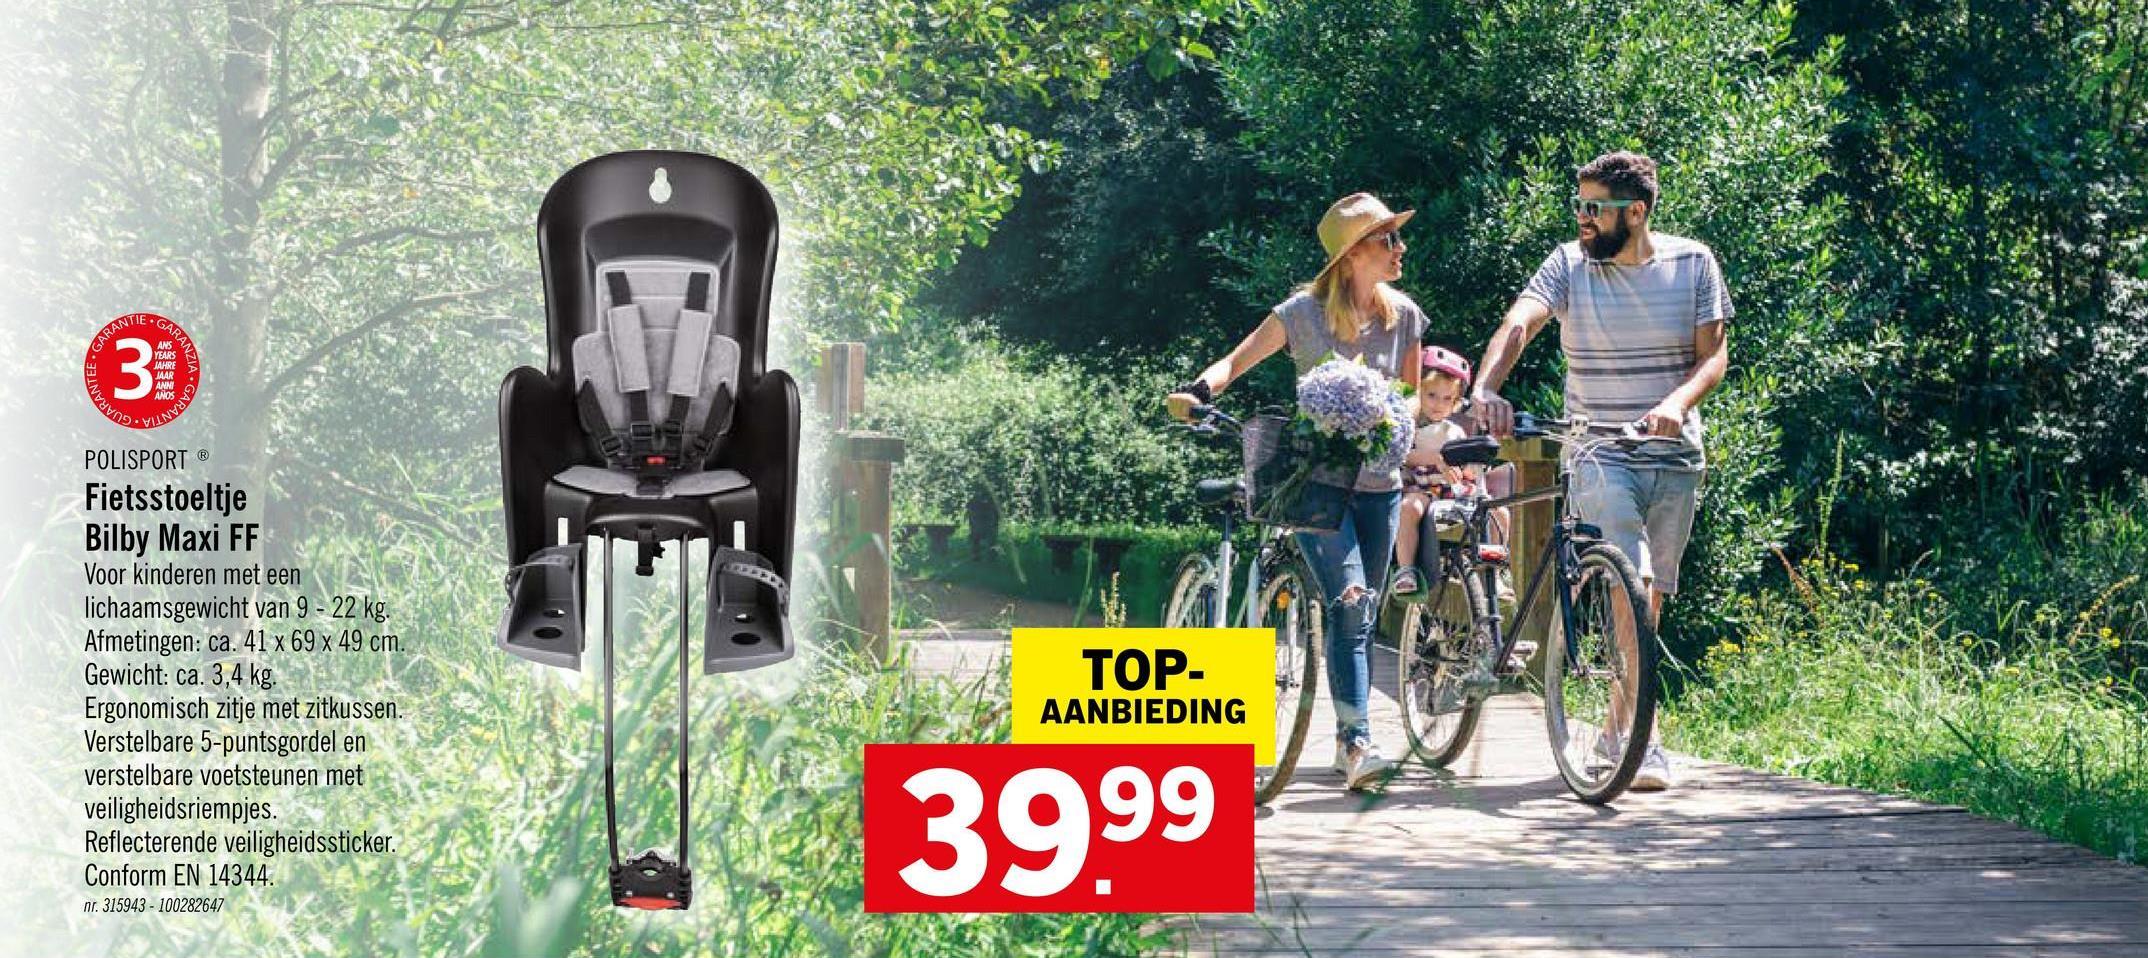 VLNVV .GARAN 3 bavne POLISPORT ® Fietsstoeltje Bilby Maxi FF Voor kinderen met een lichaamsgewicht van 9 - 22 kg. Afmetingen: ca. 41 x 69 x 49 cm. Gewicht: ca. 3,4 kg. Ergonomisch zitje met zitkussen. Verstelbare 5-puntsgordel en verstelbare voetsteunen met veiligheidsriempjes. Reflecterende veiligheidssticker. Conform 14344. nr. 315943 - 100282647 TOP- AANBIEDING 39.99